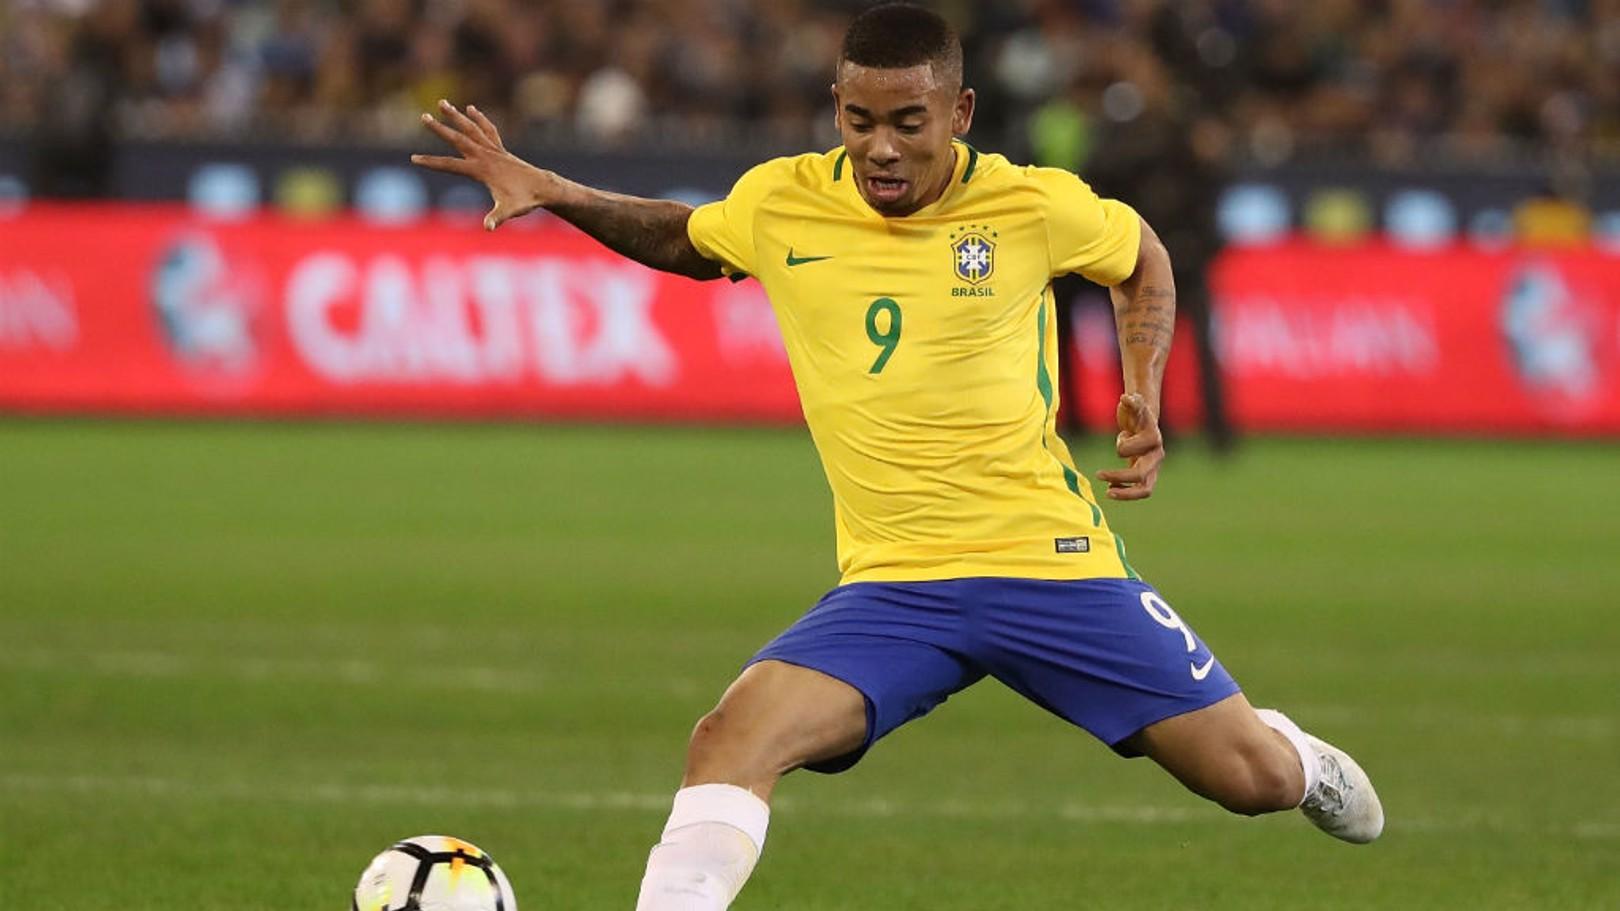 กาเบรียล เฆซุส ลงเล่นเป็นตัวจริงช่วยบราซิลถล่มออสเตรีย ในนัดกระชับมิตรก่อนลุยบอลโลก